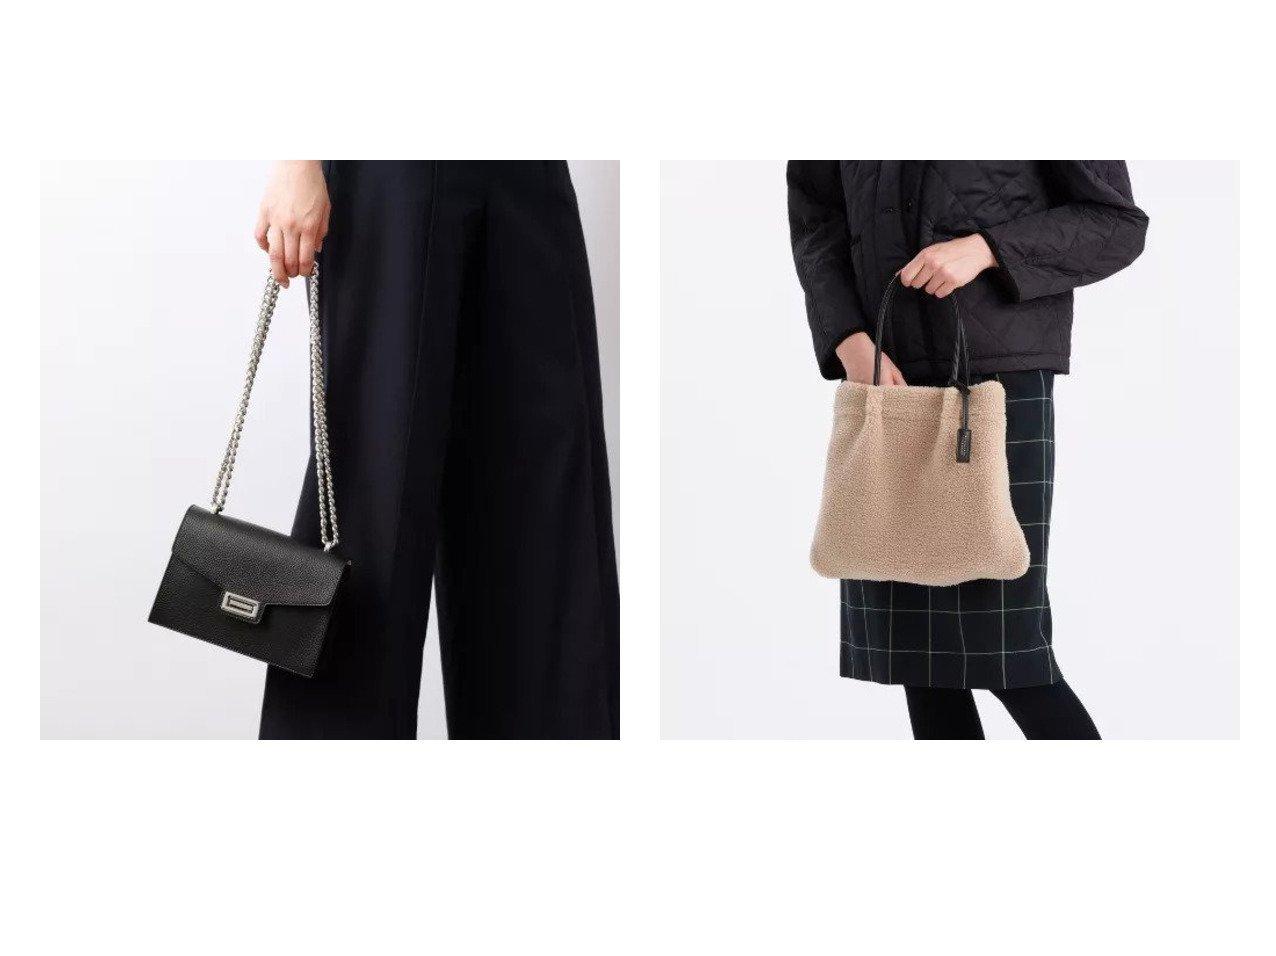 【MACKINTOSH PHILOSOPHY/マッキントッシュ フィロソフィー】のリバーシブルエコムートントート&【AMACA/アマカ】の*STORY掲載*LORISTELLAショルダーバッグ バッグ・鞄のおすすめ!人気、トレンド・レディースファッションの通販  おすすめで人気の流行・トレンド、ファッションの通販商品 メンズファッション・キッズファッション・インテリア・家具・レディースファッション・服の通販 founy(ファニー) https://founy.com/ 雑誌掲載アイテム Magazine items ファッション雑誌 Fashion magazines ストーリィ STORY ファッション Fashion レディースファッション WOMEN バッグ Bag 5月号 イタリア チェーン ハンドバッグ フォルム モダン 雑誌 リバーシブル 人気 今季 冬 Winter 秋  ID:crp329100000009942